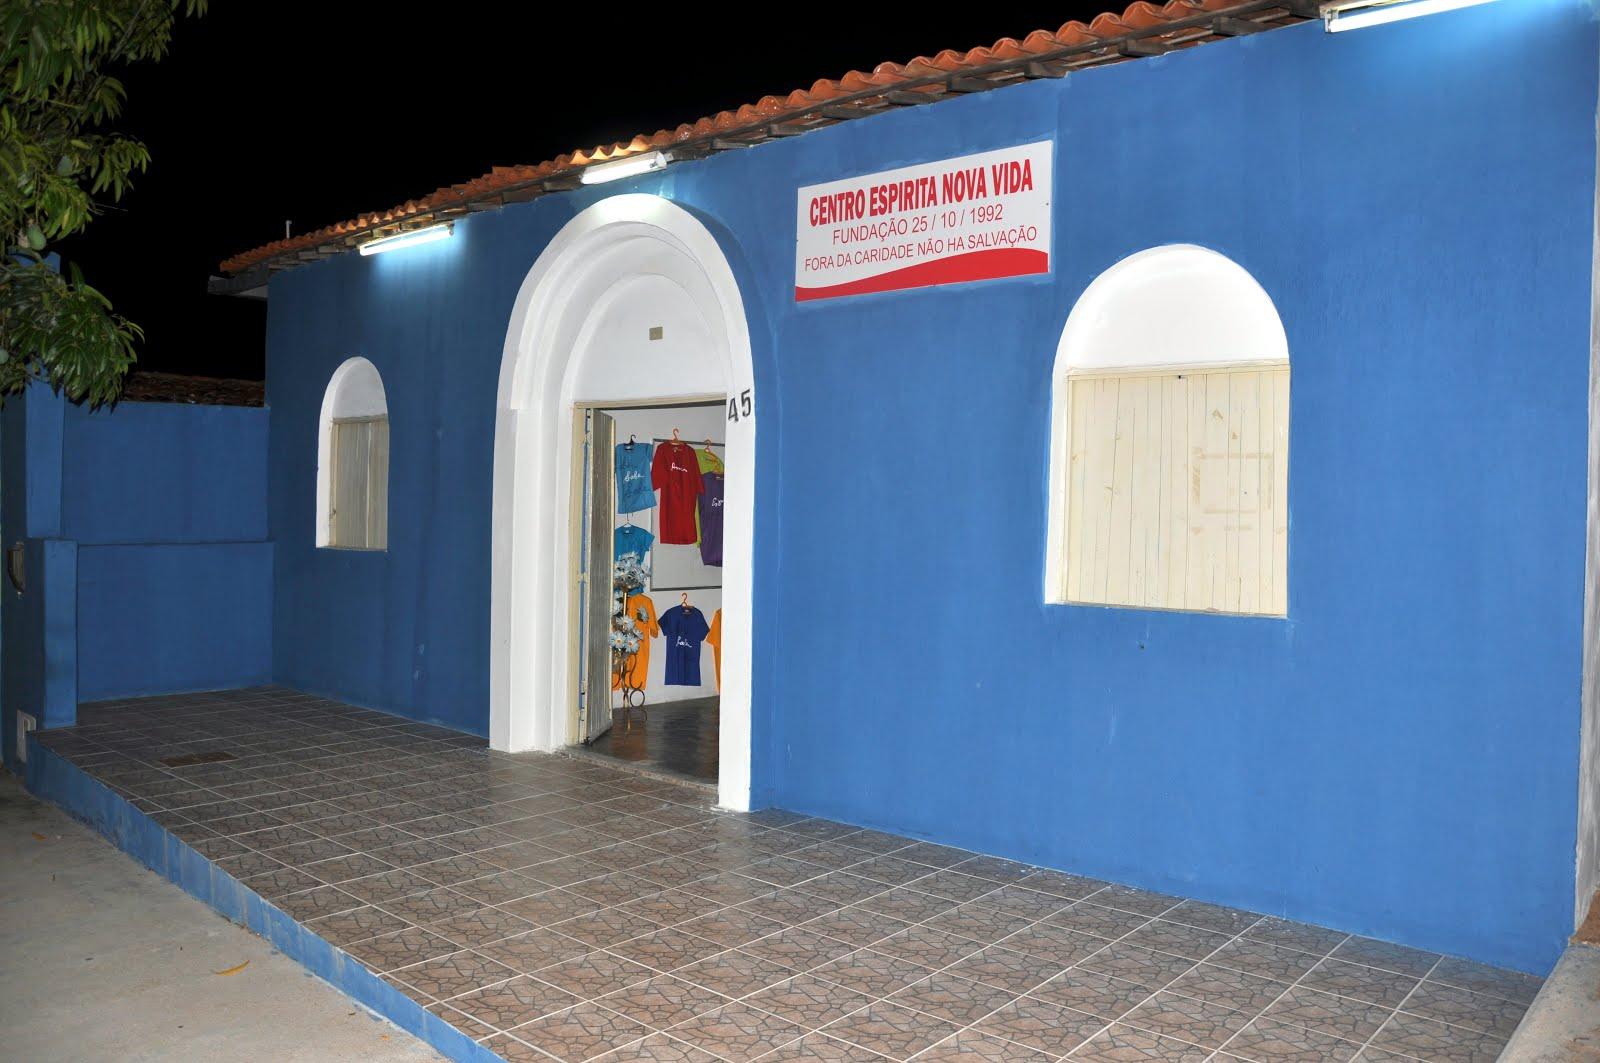 Centro Espírita Nova Vida - Apodi/RN